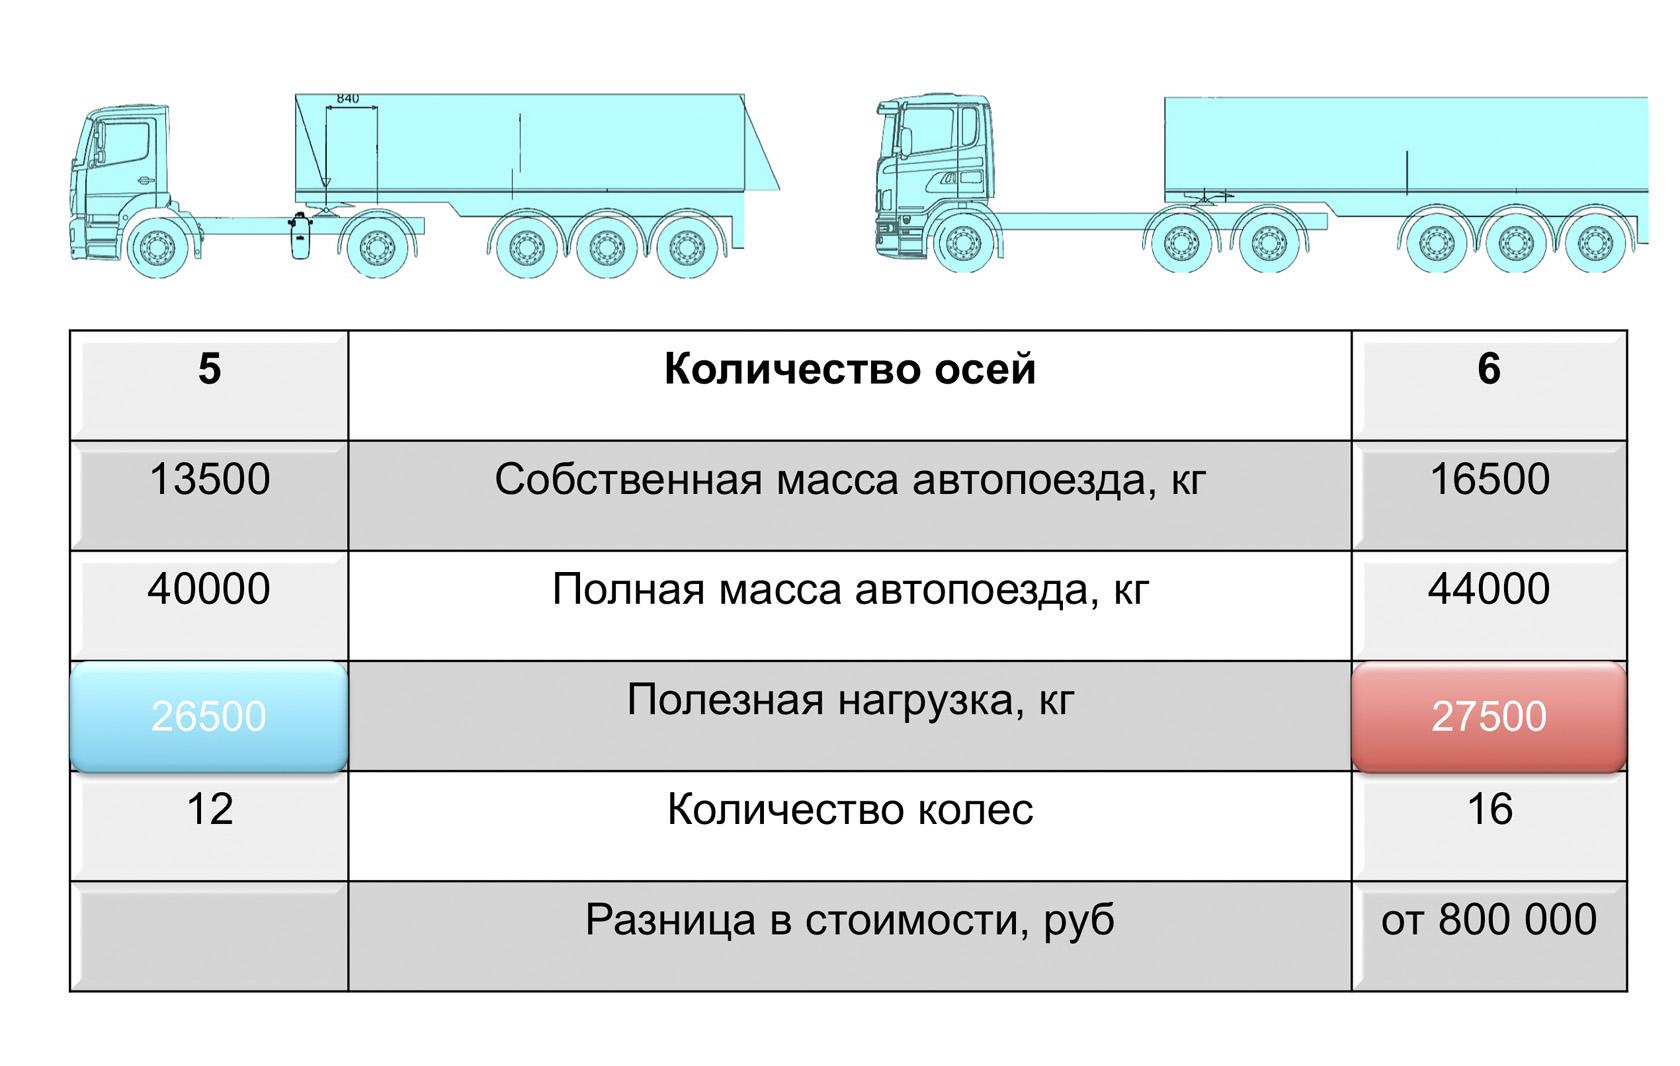 Максимальное количество осей транспортера транспортер на немецкий